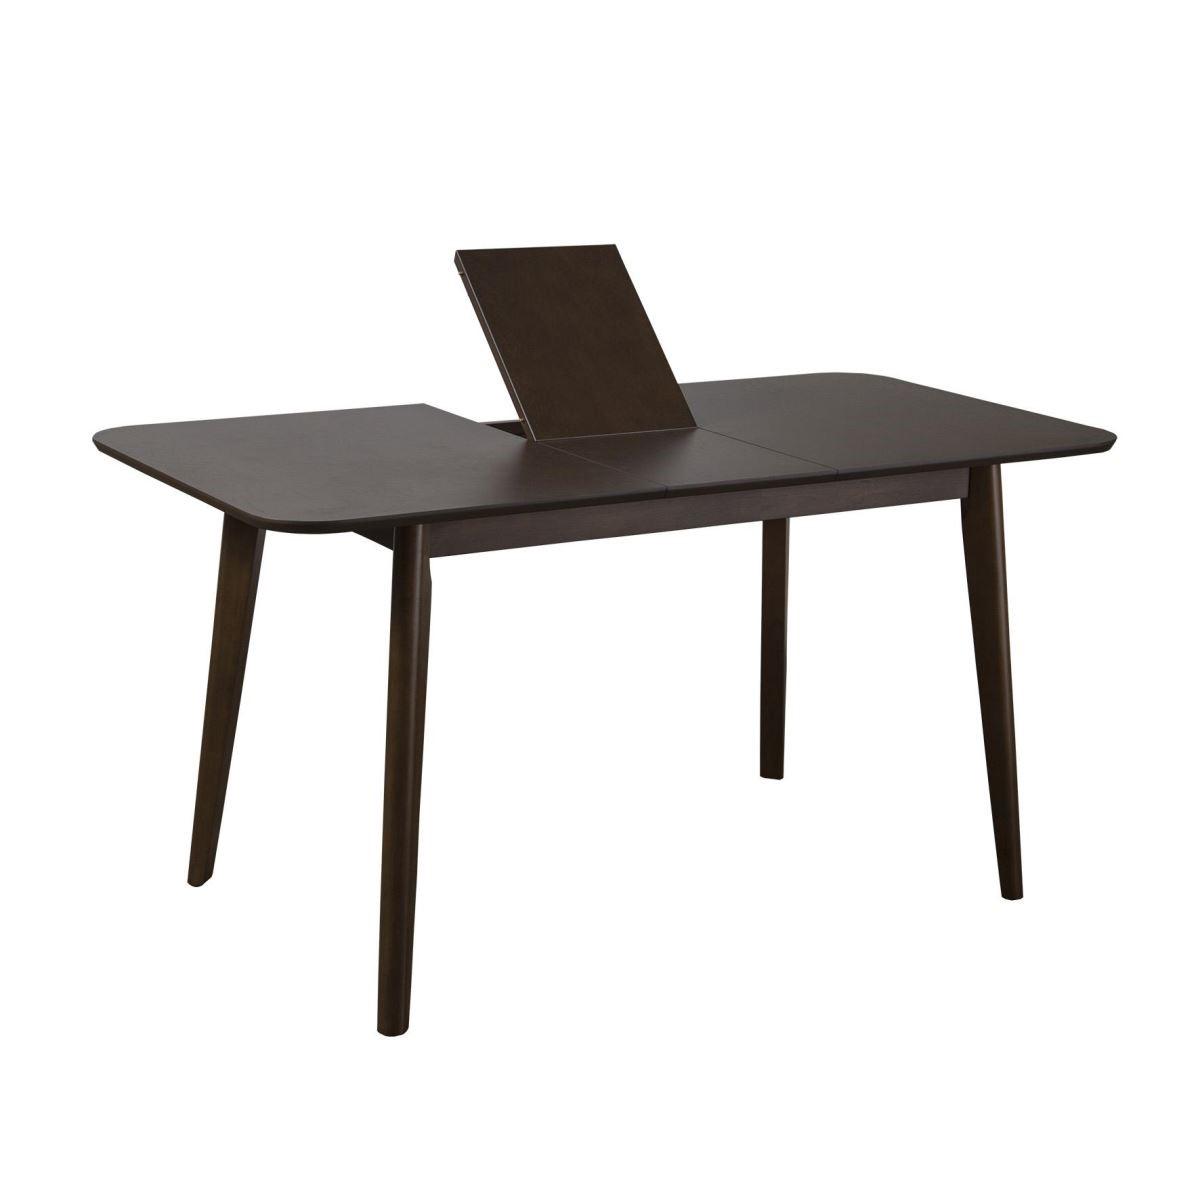 亞卡尼餐桌靈活變化的桌長,滿足 2 人至多人的使用需求,輕巧靈活有效釋放空間坪效。